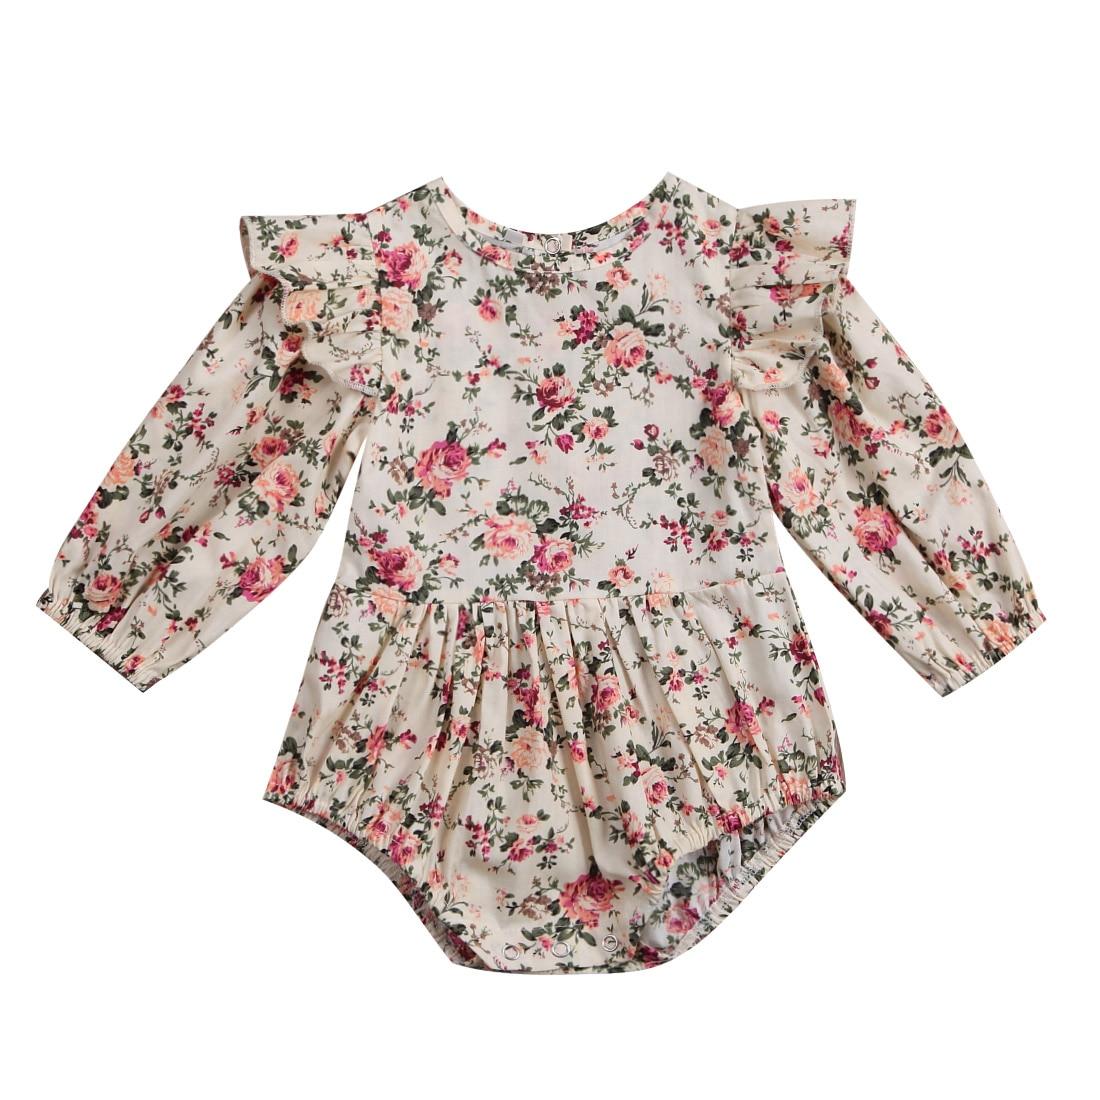 Flower Infant Toddler Baby Girl Romper Vintage Long Sleeve Neborn Girl Romper Jumpsuit Spring Autumn Baby Girl Clothing D15